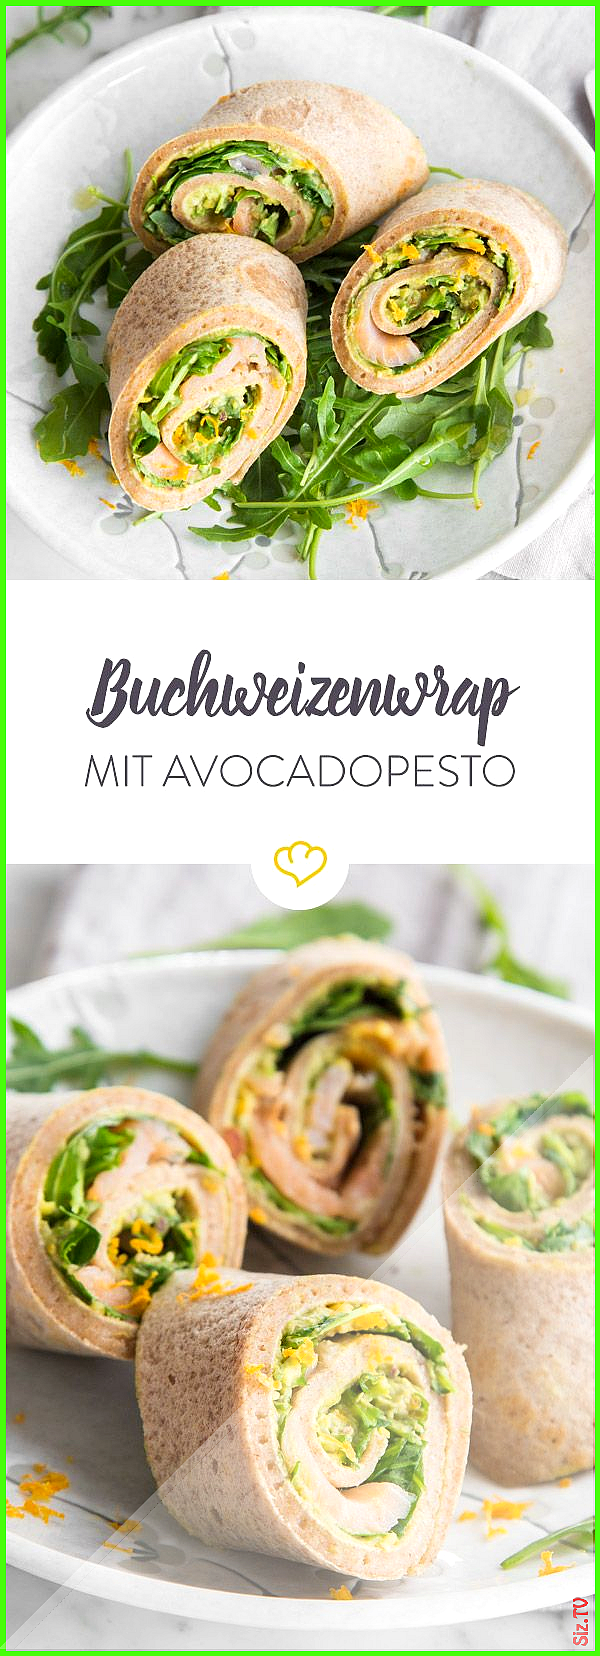 Clean Eating Pfannkuchen mit Avocadopesto Clean Eating Pfannkuchen mit Avocadopesto Springlane sprin...